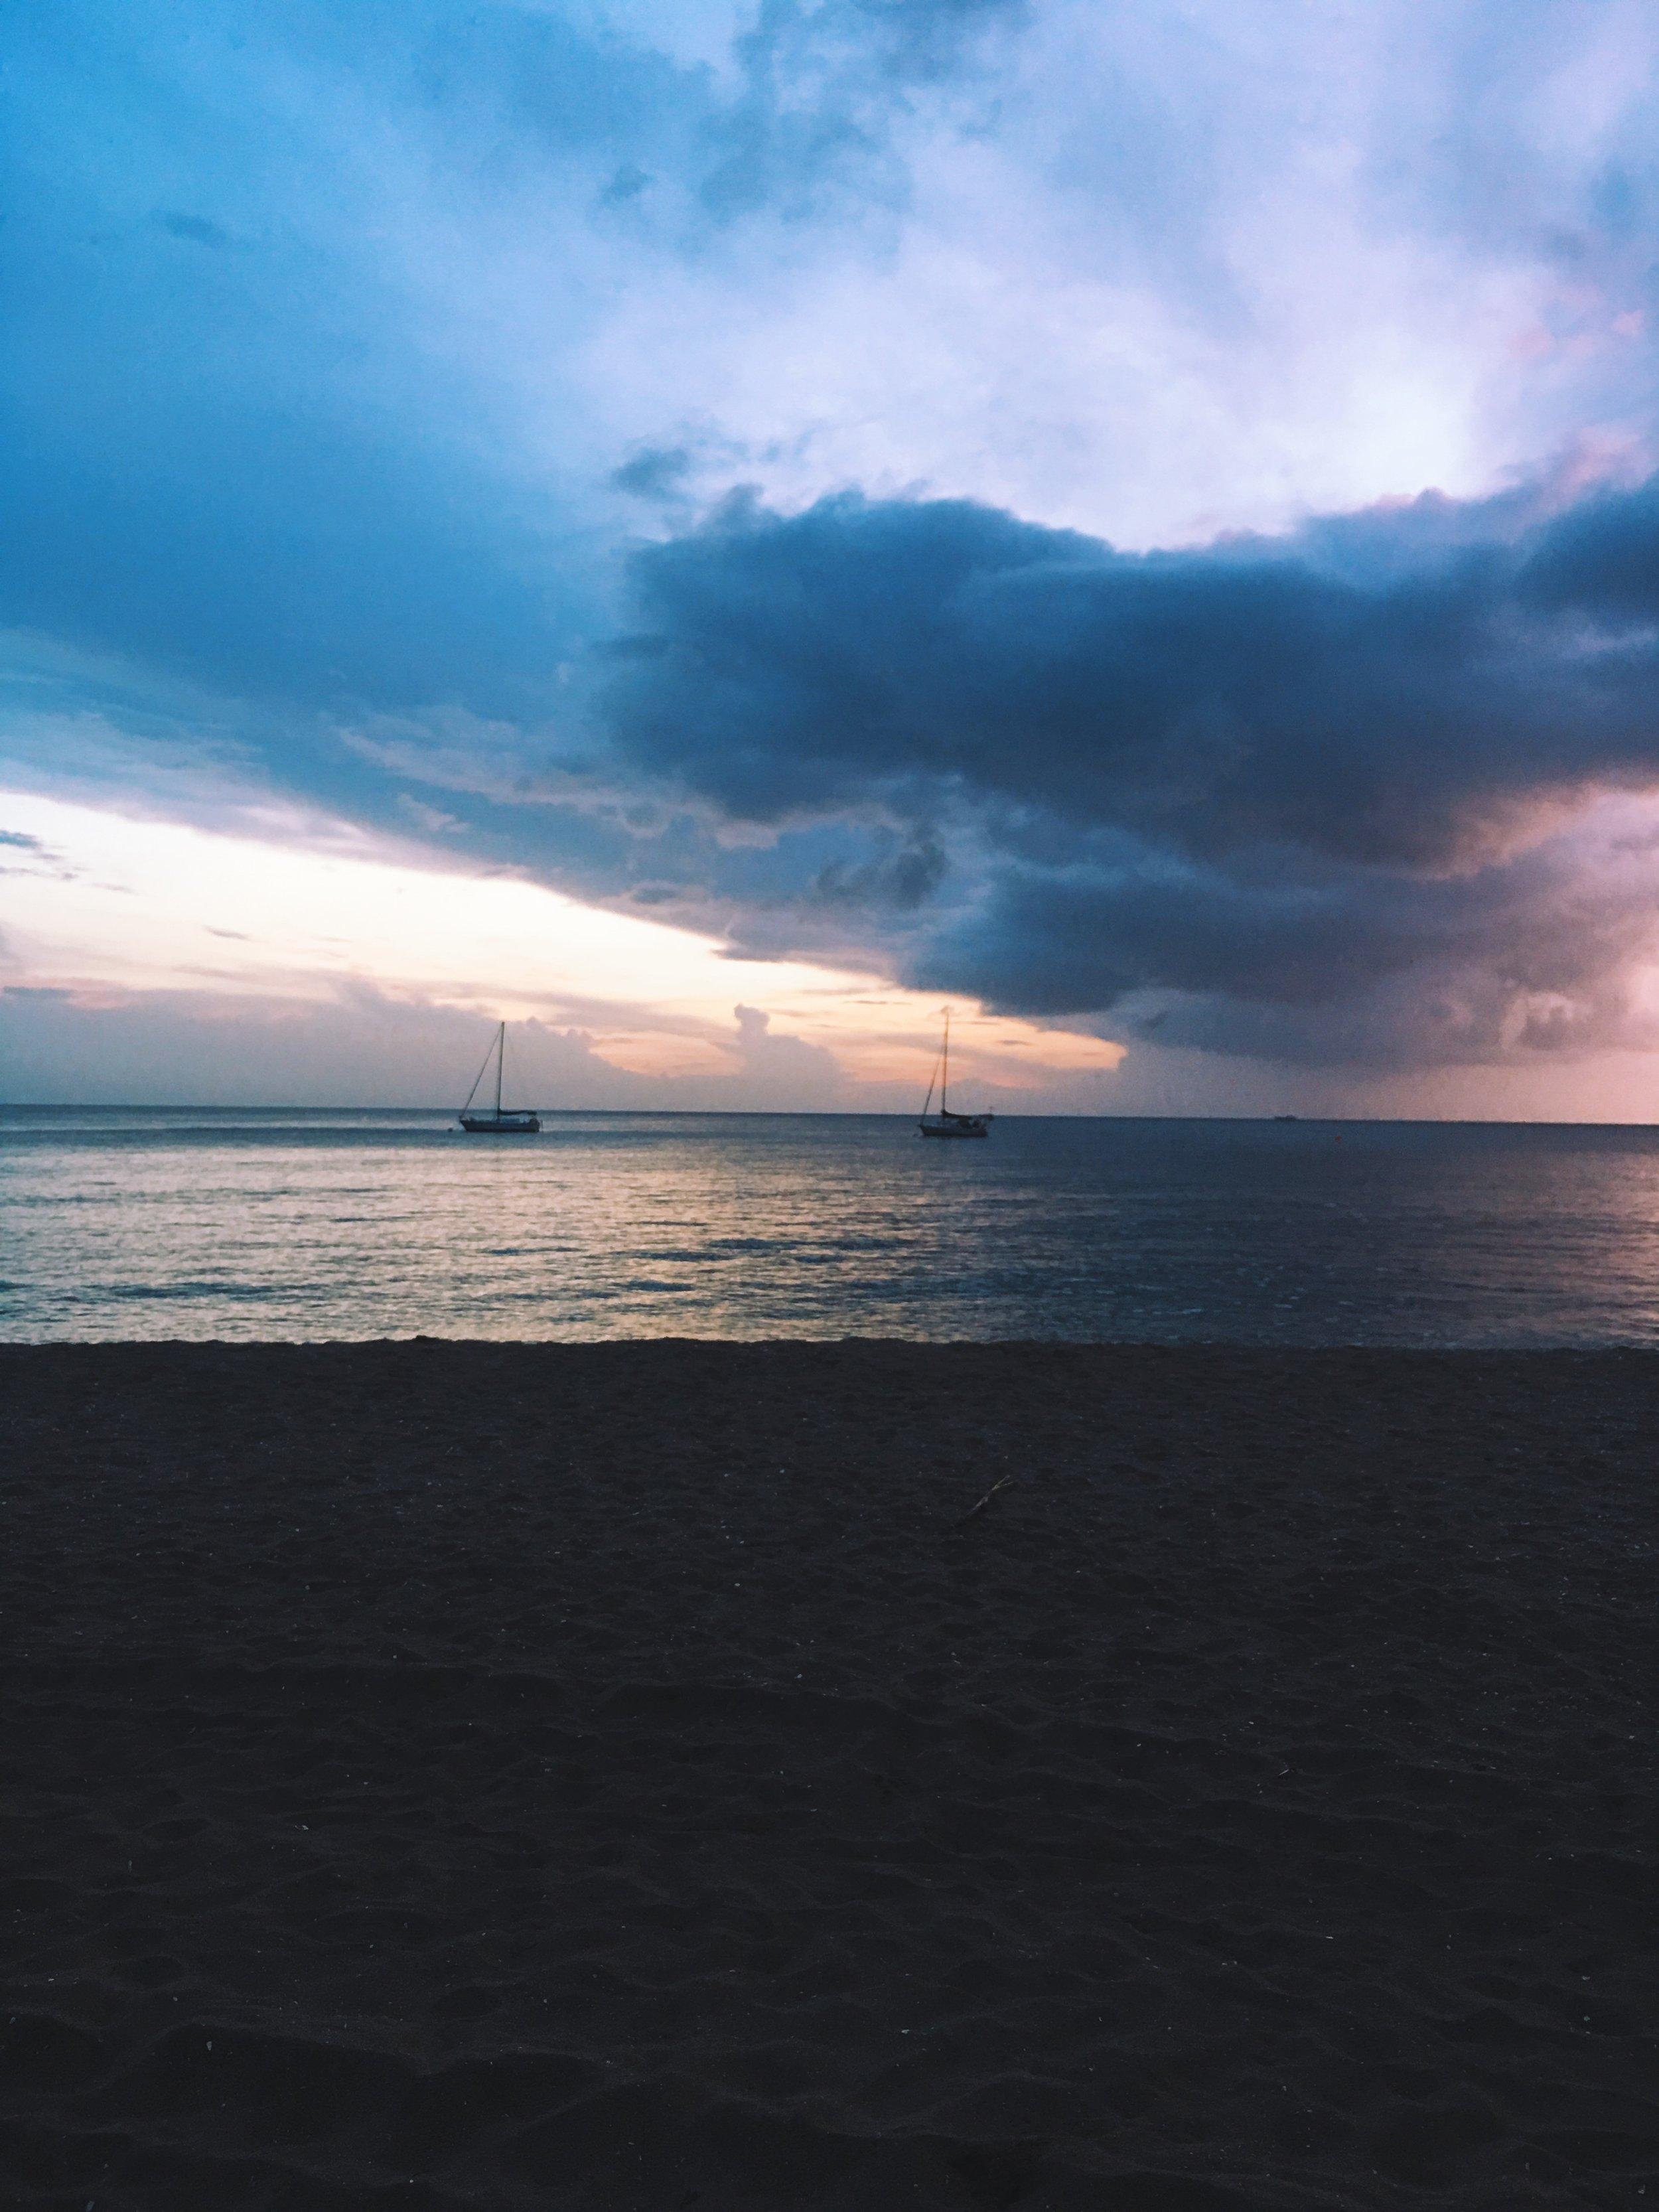 Sunset on Pinneys Beach